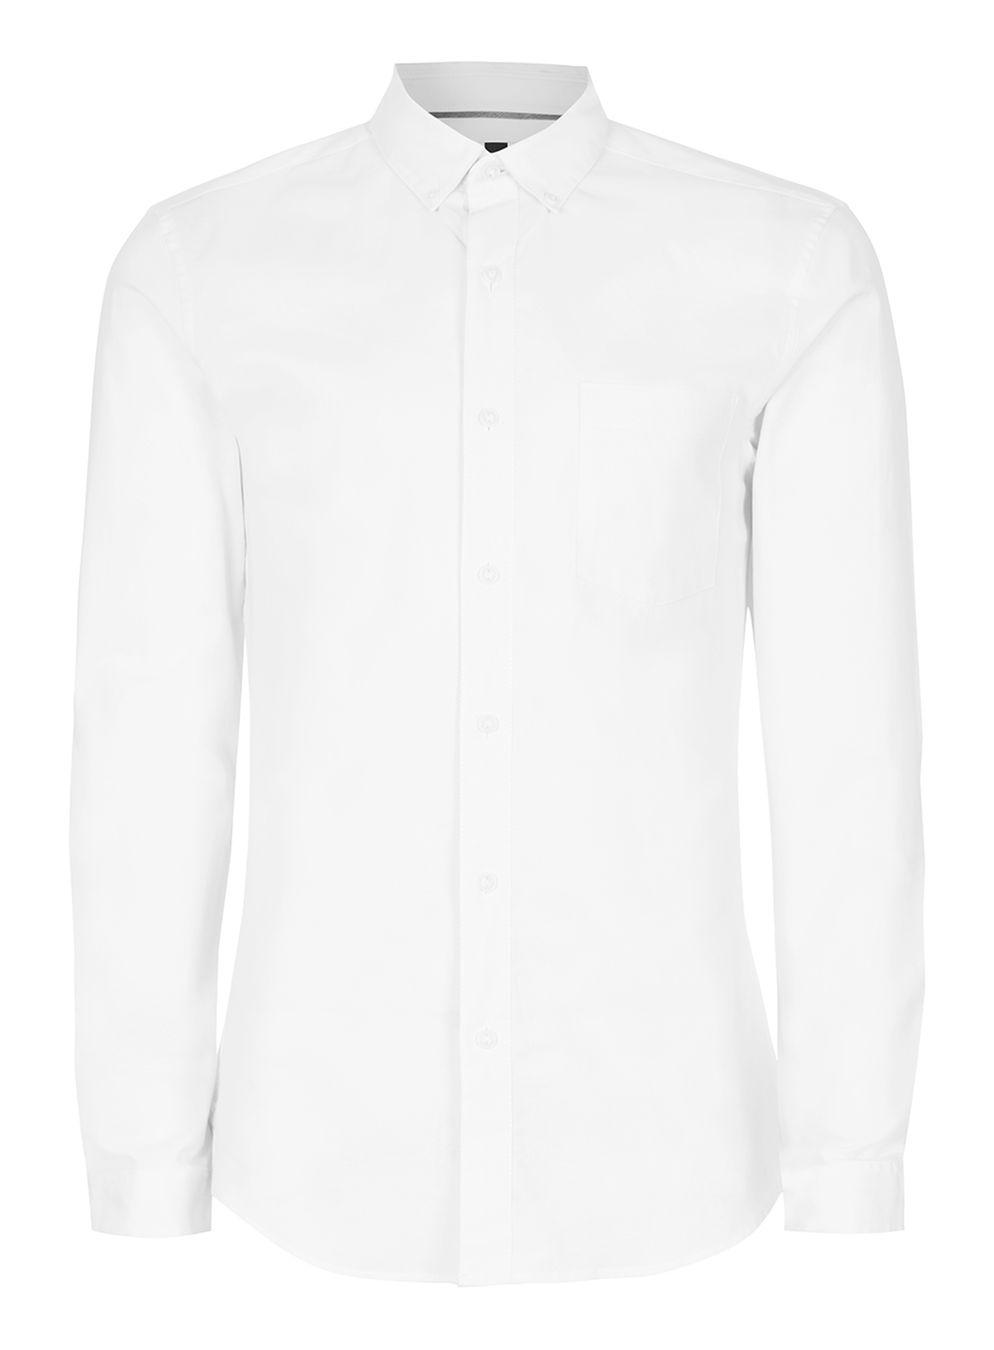 Topman shirt  - £25